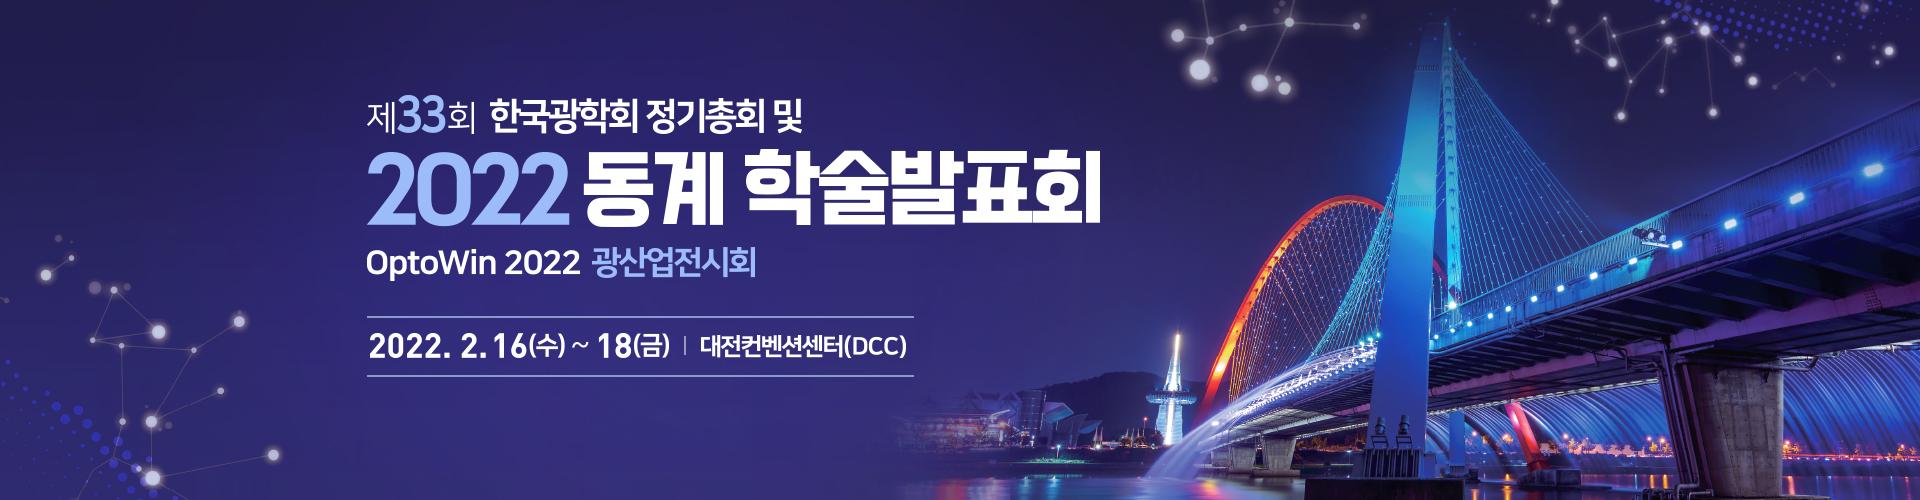 제33회 한국광학회 정기총회 및 2022 동계학술발표회